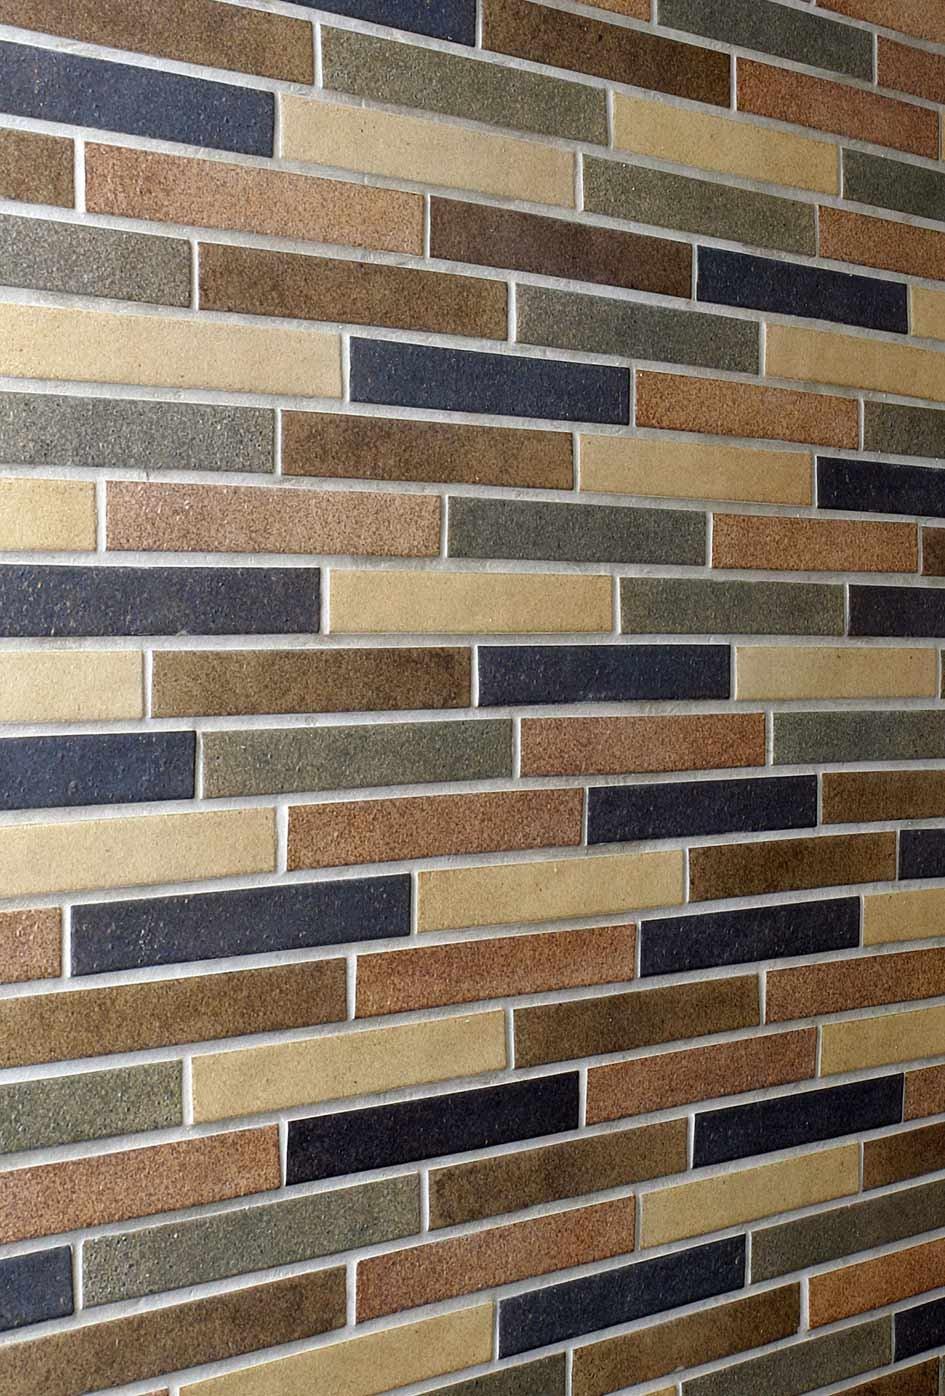 Interior exterior wall tile azuchi border buy for Balcony wall tiles design